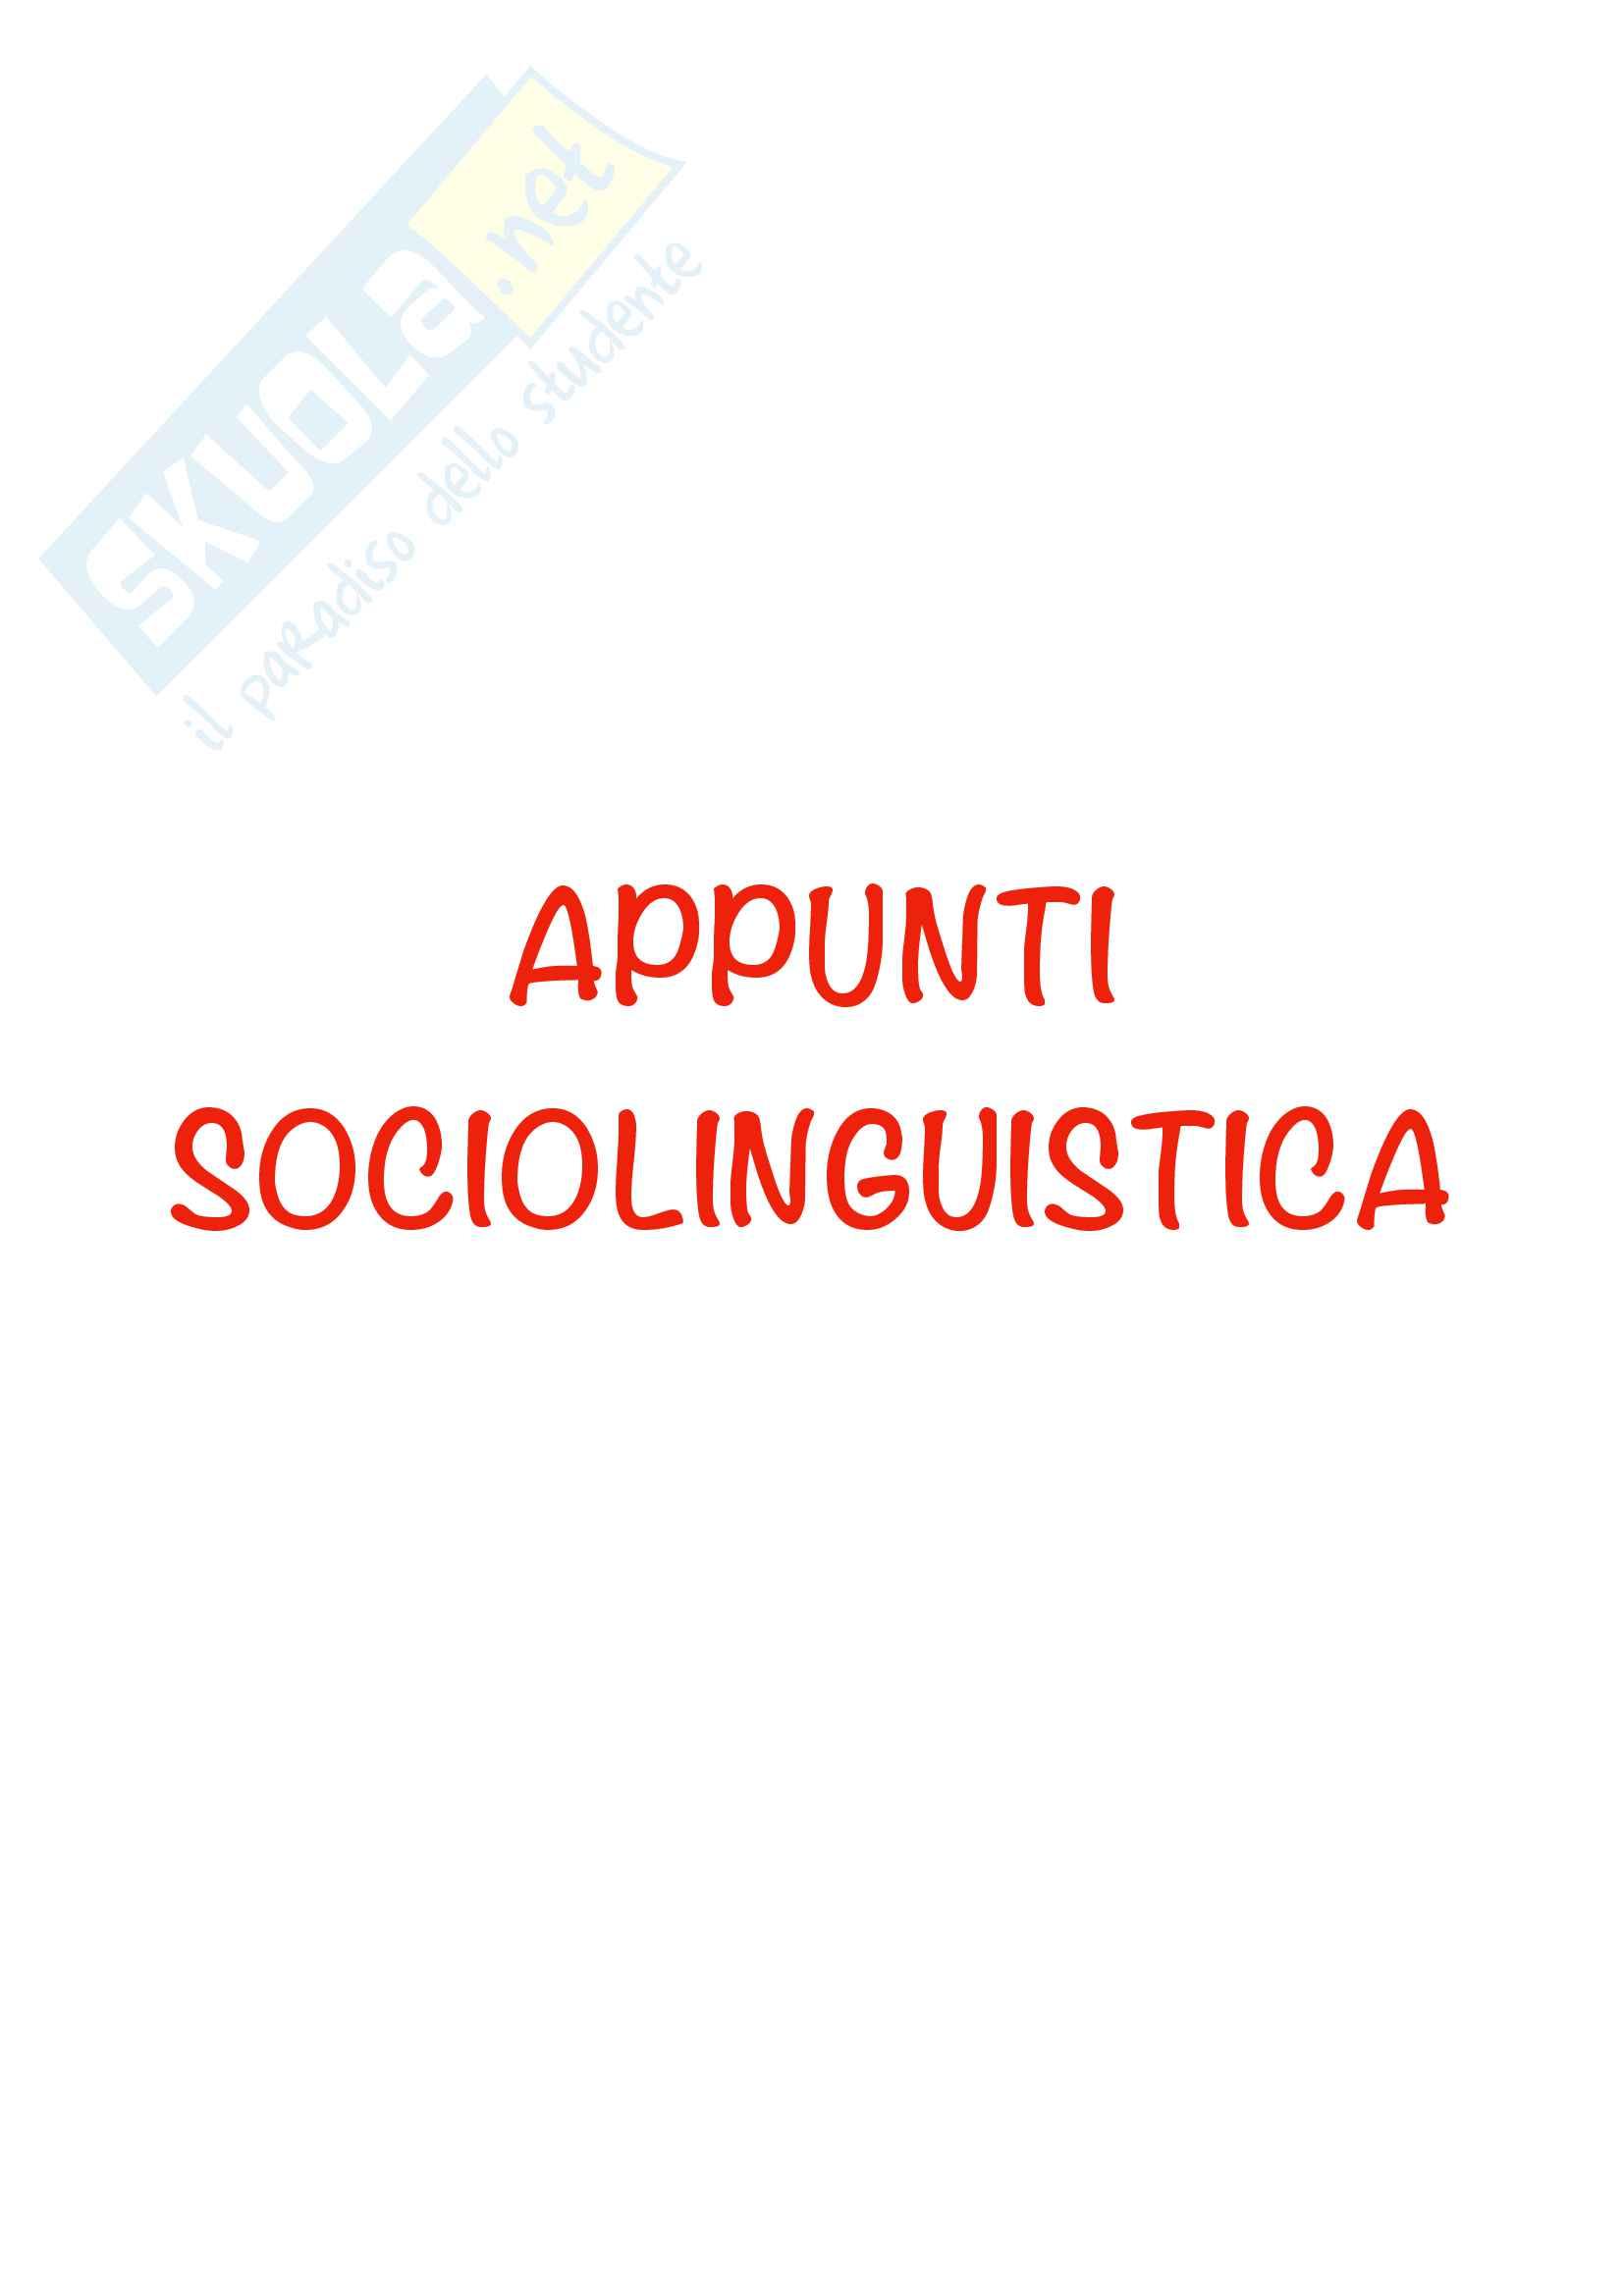 Appunti sociolinguistica